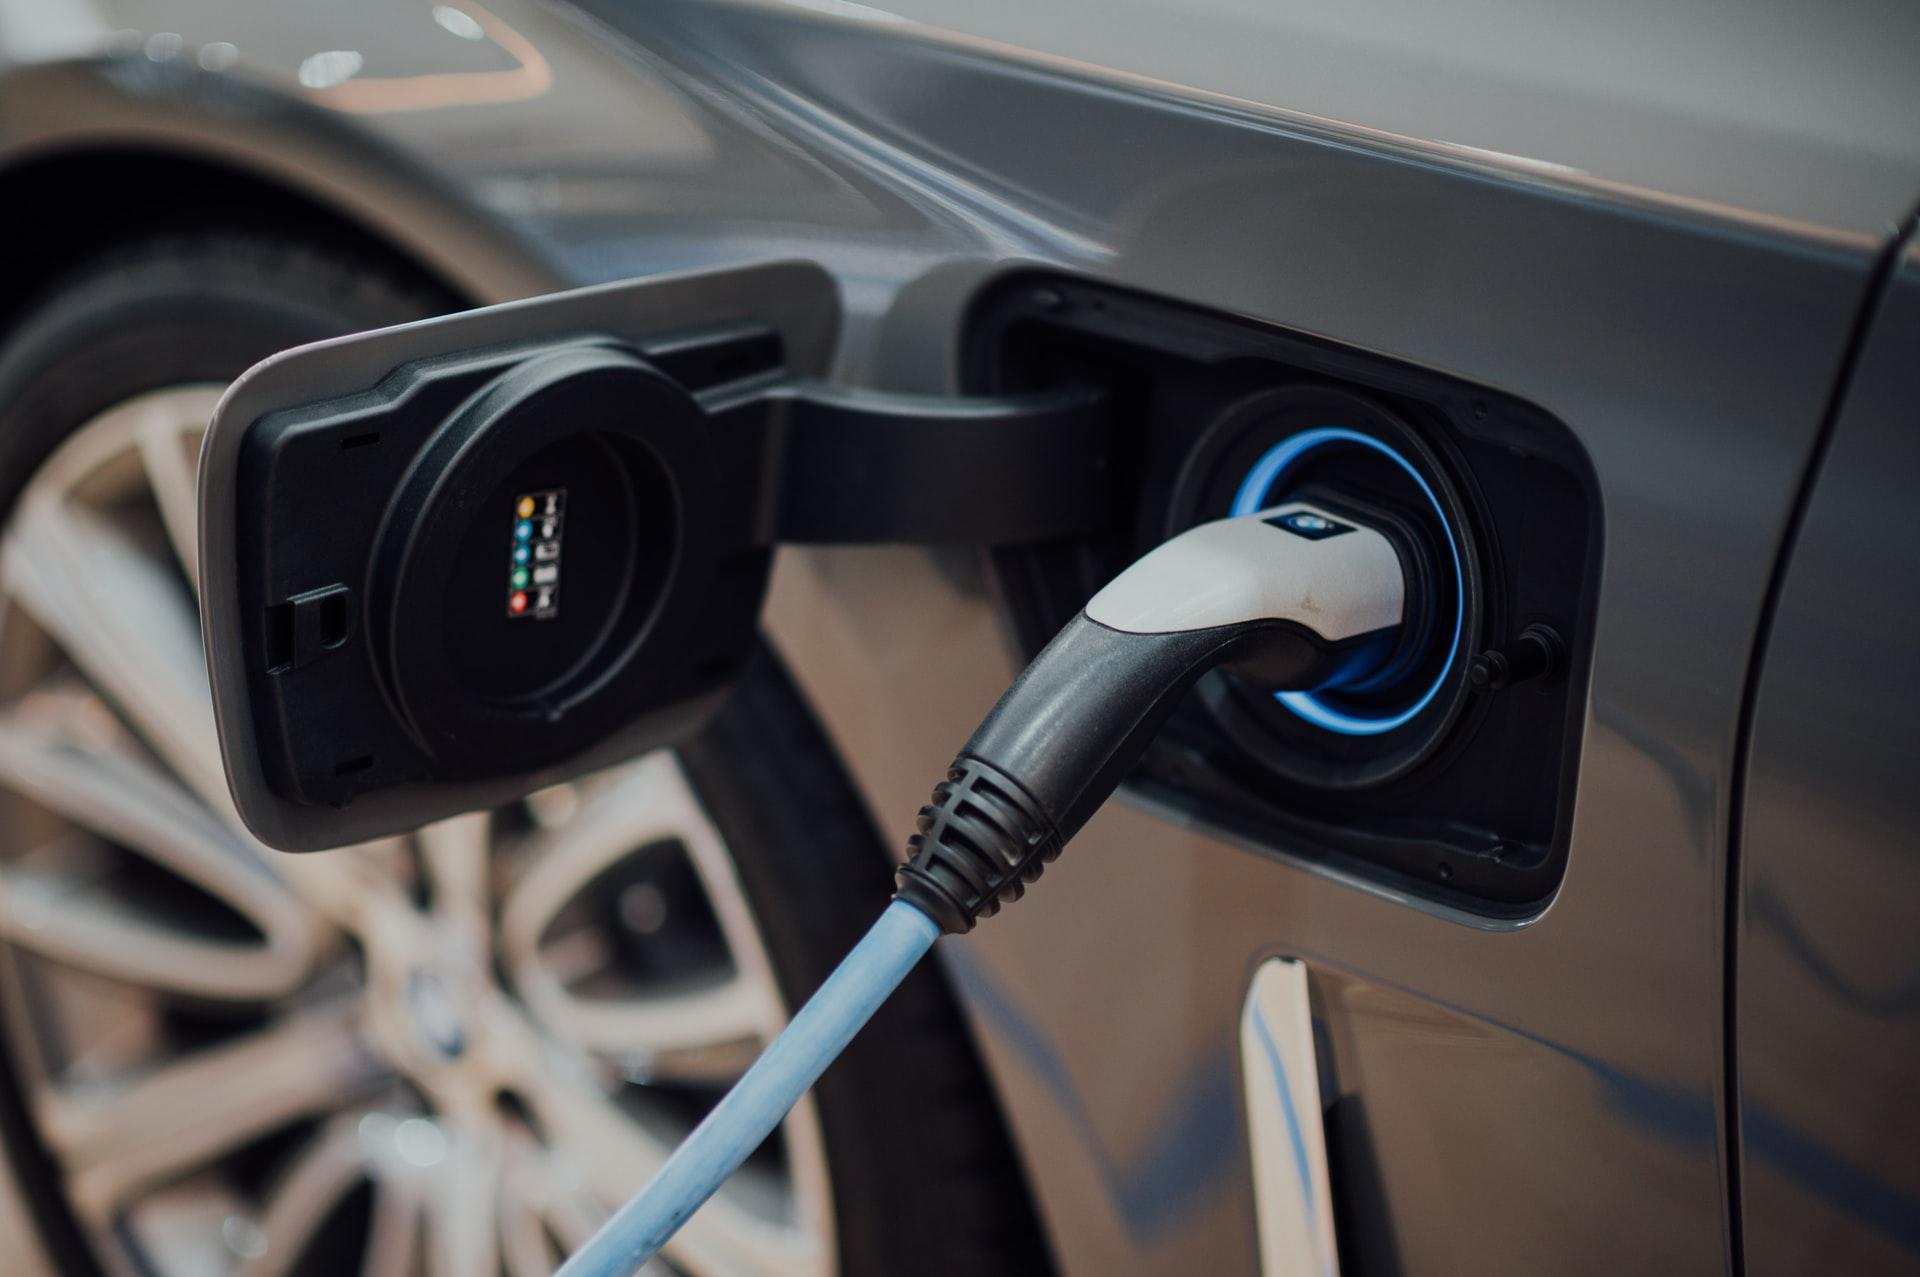 Laki sähköautojen latauspisteistä ja latauspistevalmiuksista astui voimaan – mitä se tarkoittaa taloyhtiöille?